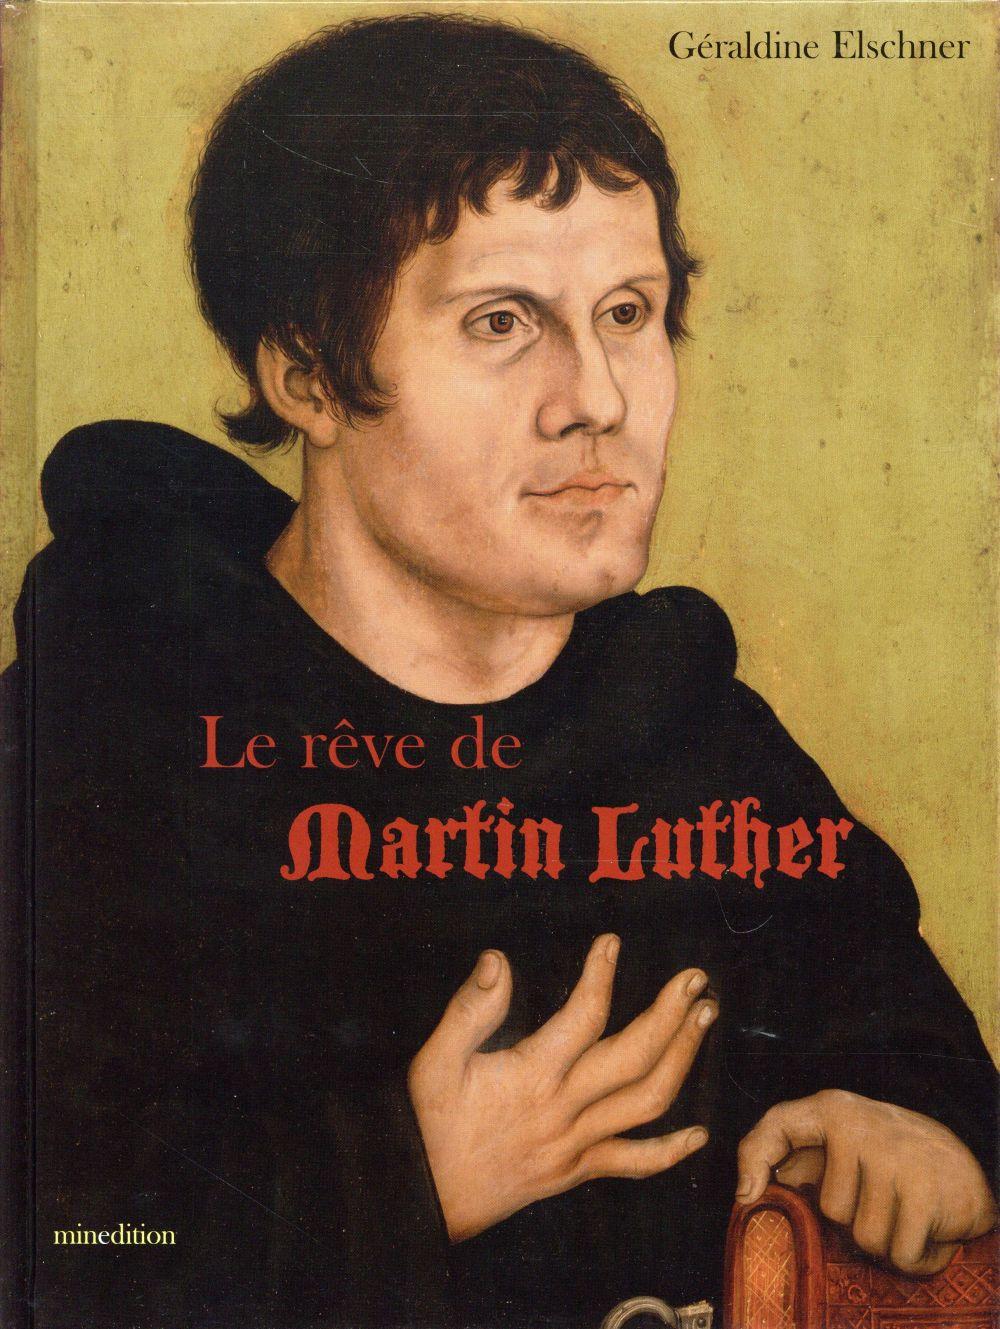 le rêve de Martin Luther